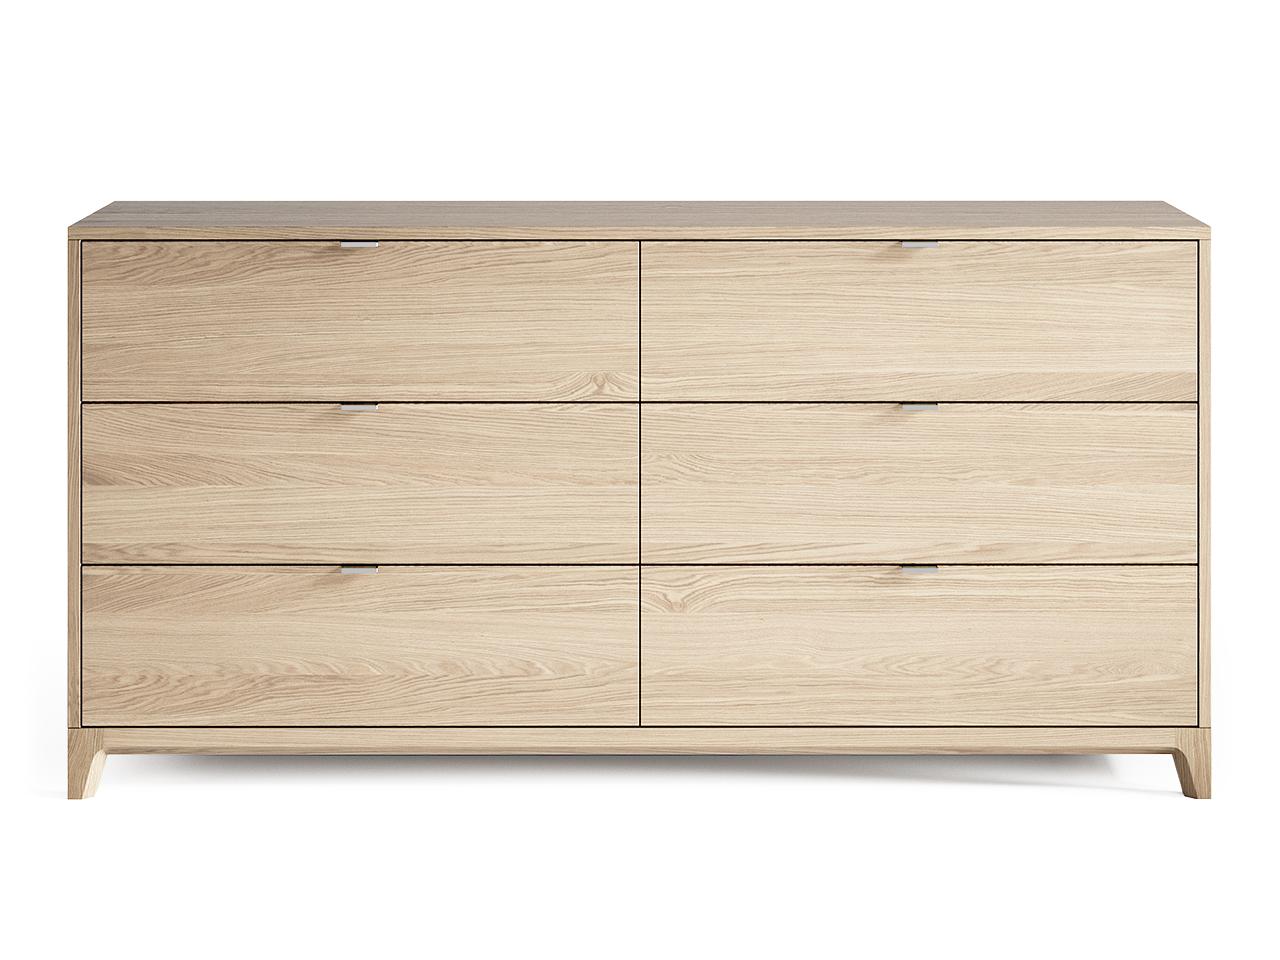 Комод Case №3 (Осветленный дуб)Бельевые комоды<br>&amp;lt;div&amp;gt;Комод CASE #3 с шестью выдвижными ящиками отлично подойдет для организации хранения вещей в спальне, но также может быть использован в гостиной и других помещениях. У комода увеличенная глубина 450 мм, дно ящиков выполнено из ДСП 16 мм, обладающего высоким запасом прочности.&amp;lt;br&amp;gt;&amp;lt;/div&amp;gt;&amp;lt;div&amp;gt;&amp;lt;br&amp;gt;&amp;lt;/div&amp;gt;&amp;lt;div&amp;gt;&amp;lt;div&amp;gt;Цвет: Осветленный дуб.&amp;lt;/div&amp;gt;&amp;lt;div&amp;gt;Материал: Массив дуба, натуральный шпон дуба, МДФ, ДСП, лак.&amp;lt;/div&amp;gt;&amp;lt;/div&amp;gt;<br><br>Material: Дуб<br>Ширина см: 160<br>Высота см: 80<br>Глубина см: 45